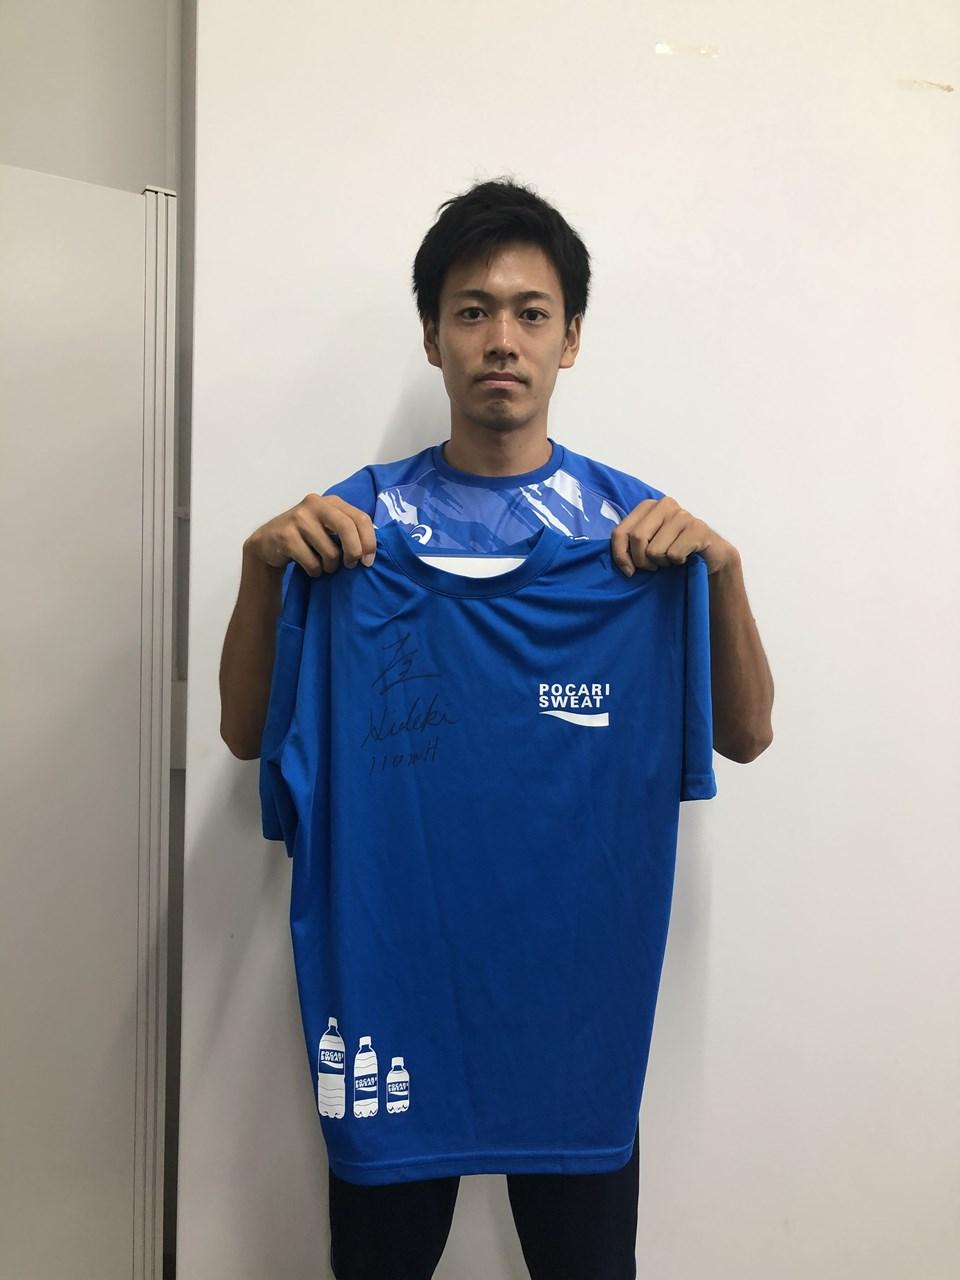 【日本陸連公式】大室 秀樹 選手